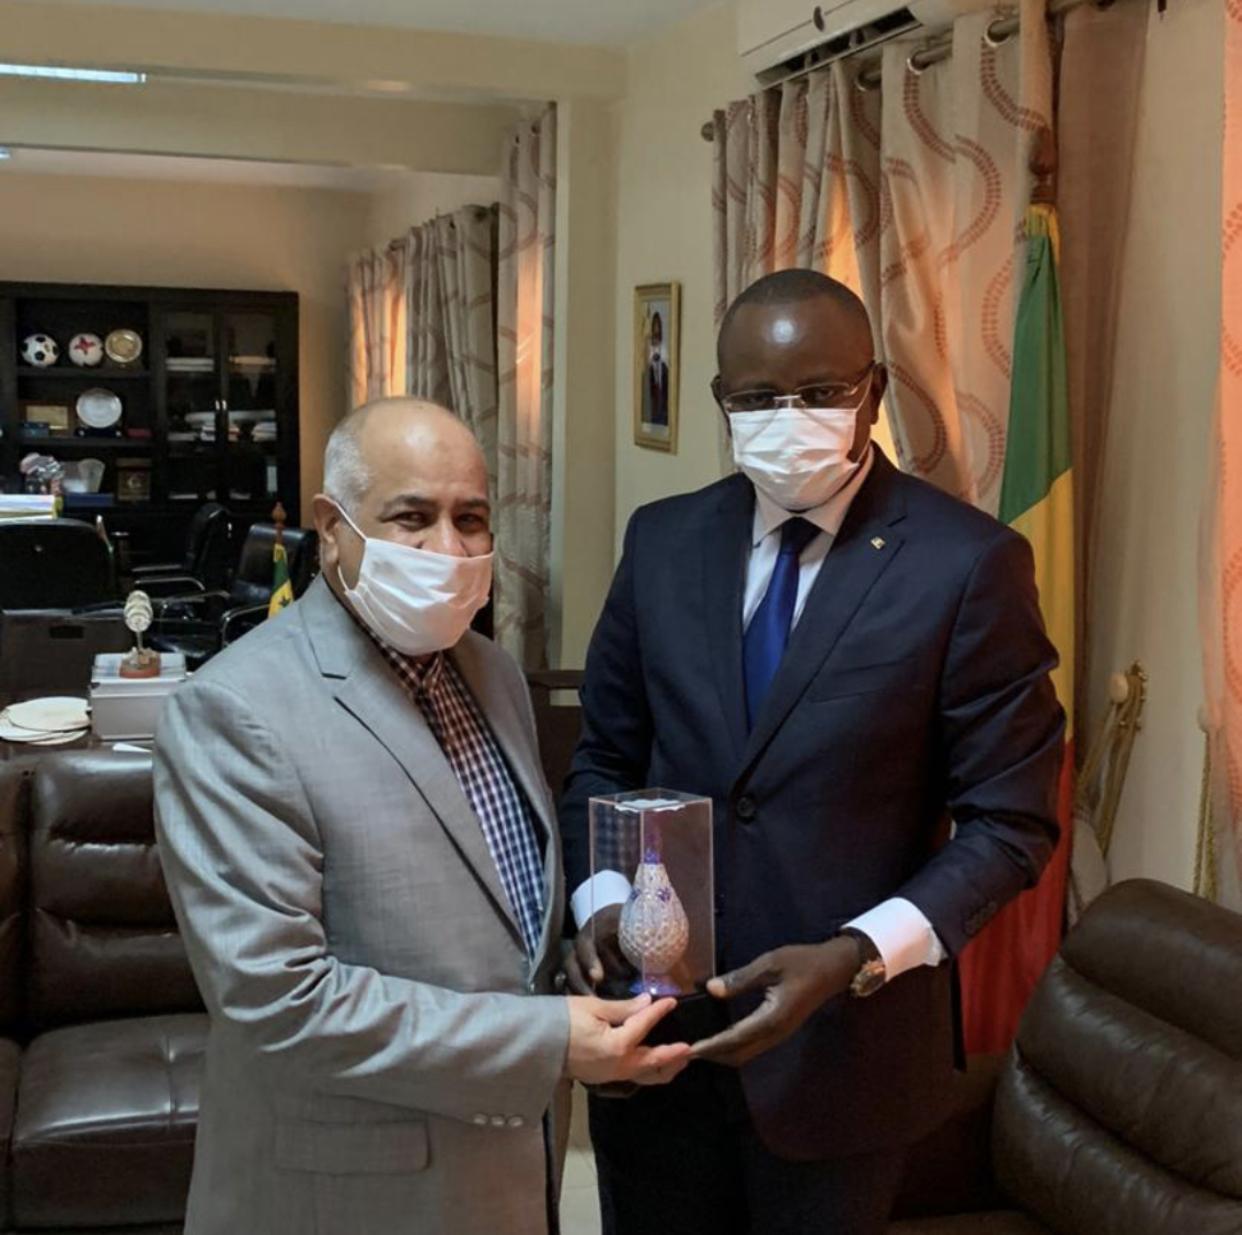 Coopération sportive / Cinquantenaire entre le Sénégal et l'Iran : Matar Bâ et l'ambassadeur Dehshiri sur la même longueur d'onde.